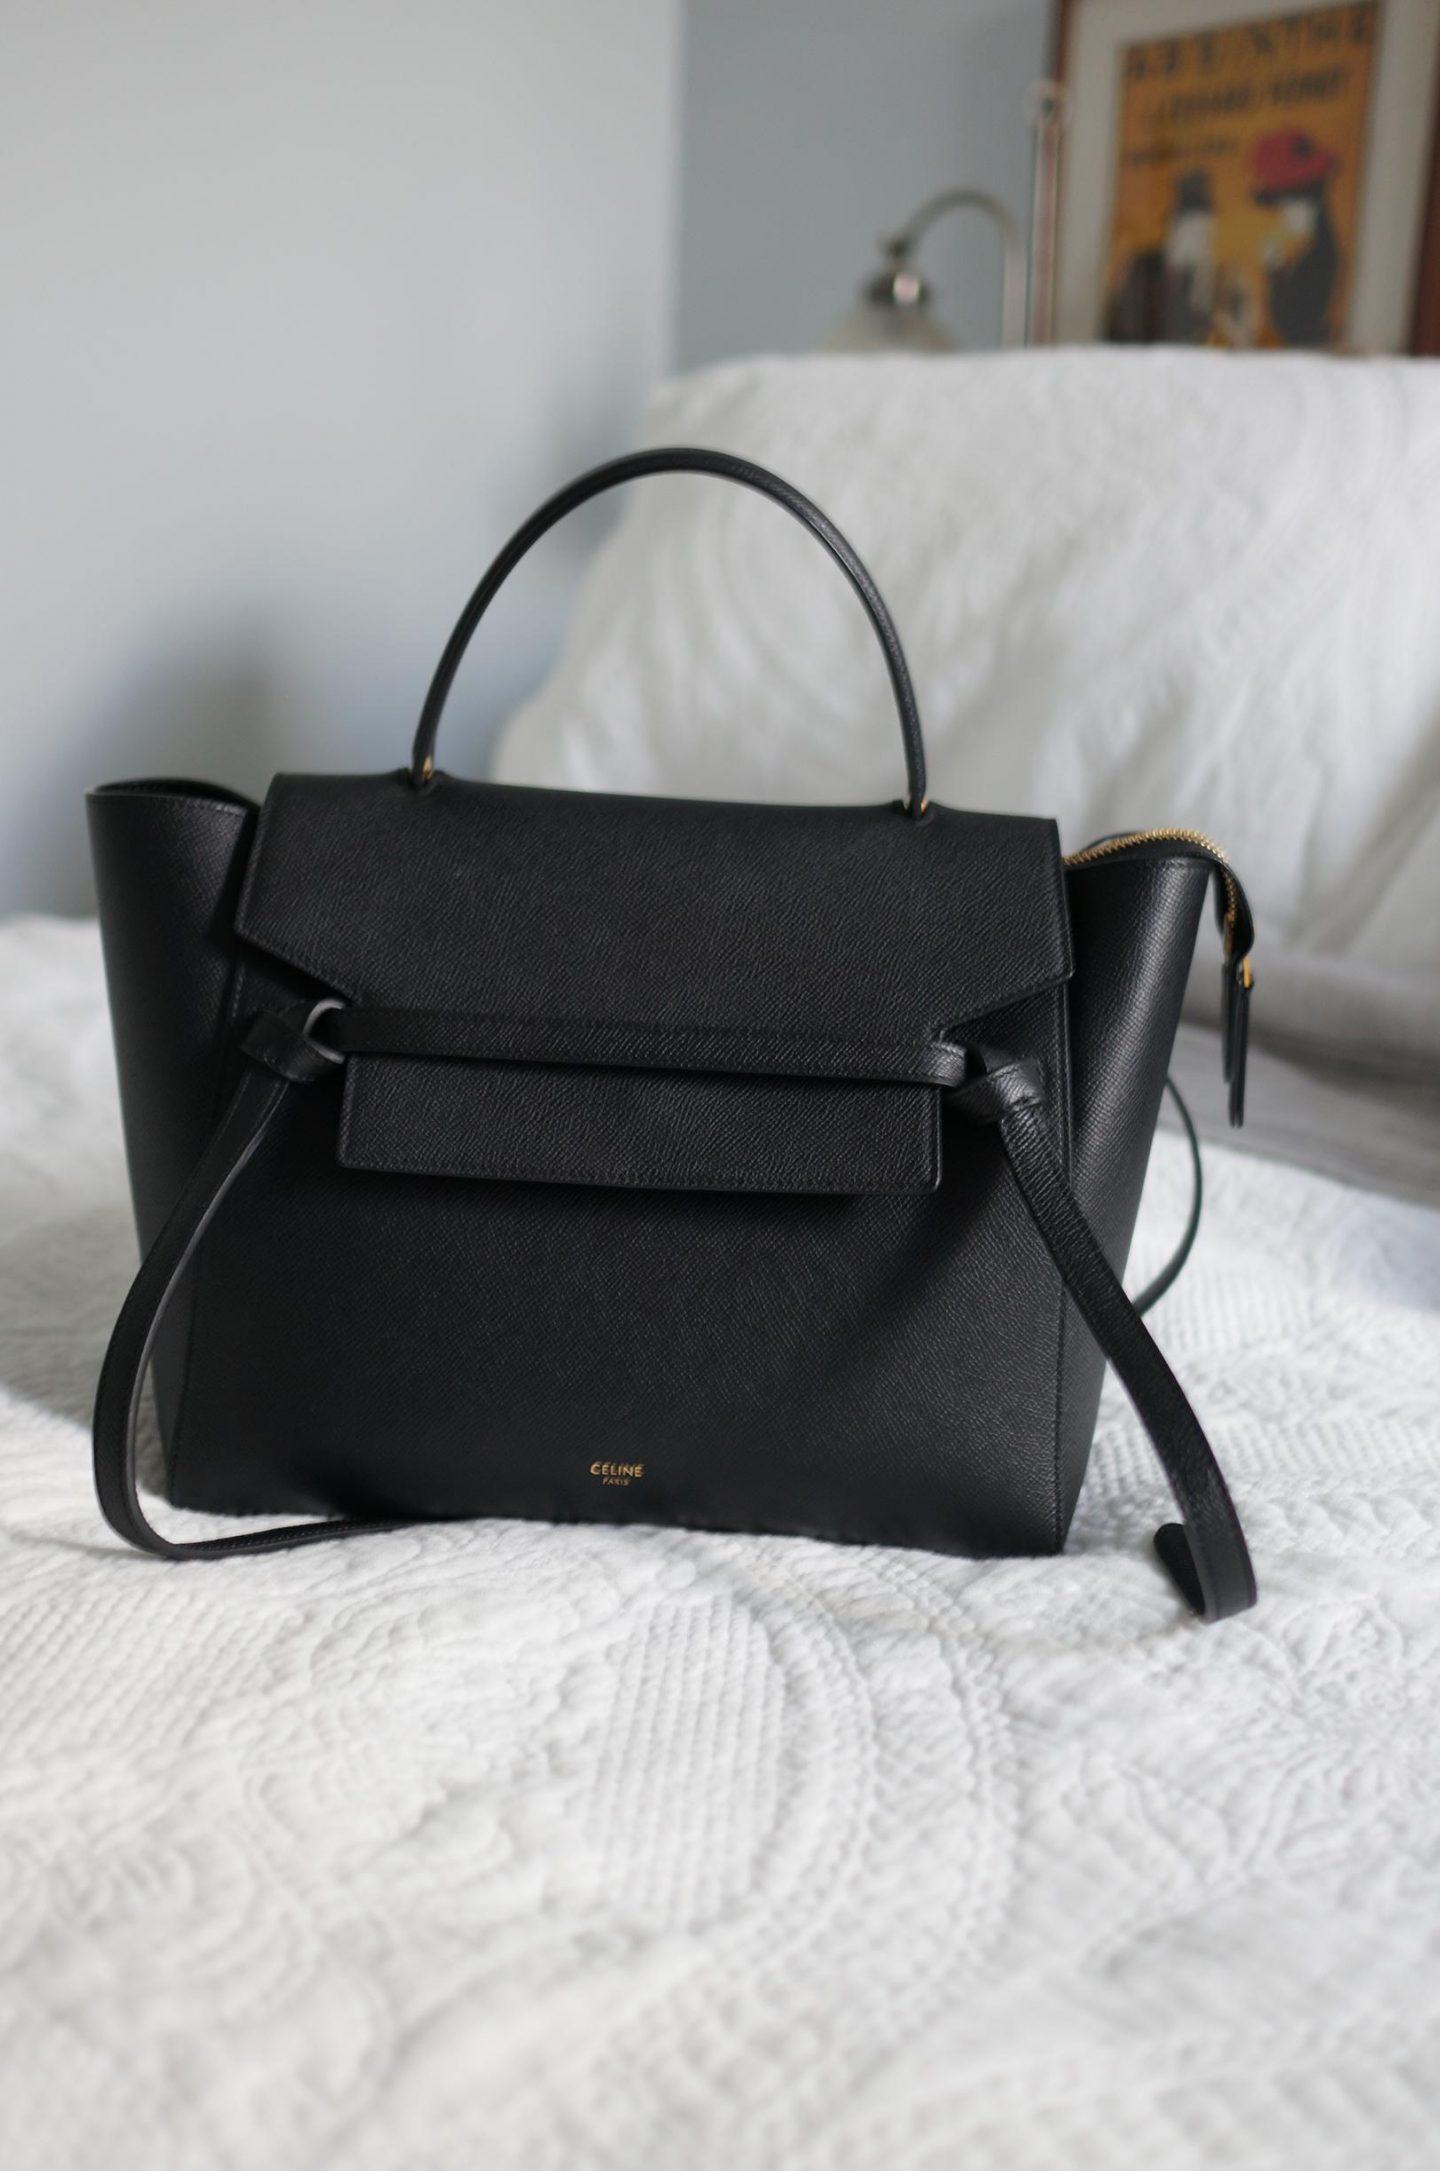 celine bag collection featuring celine mini belt bag